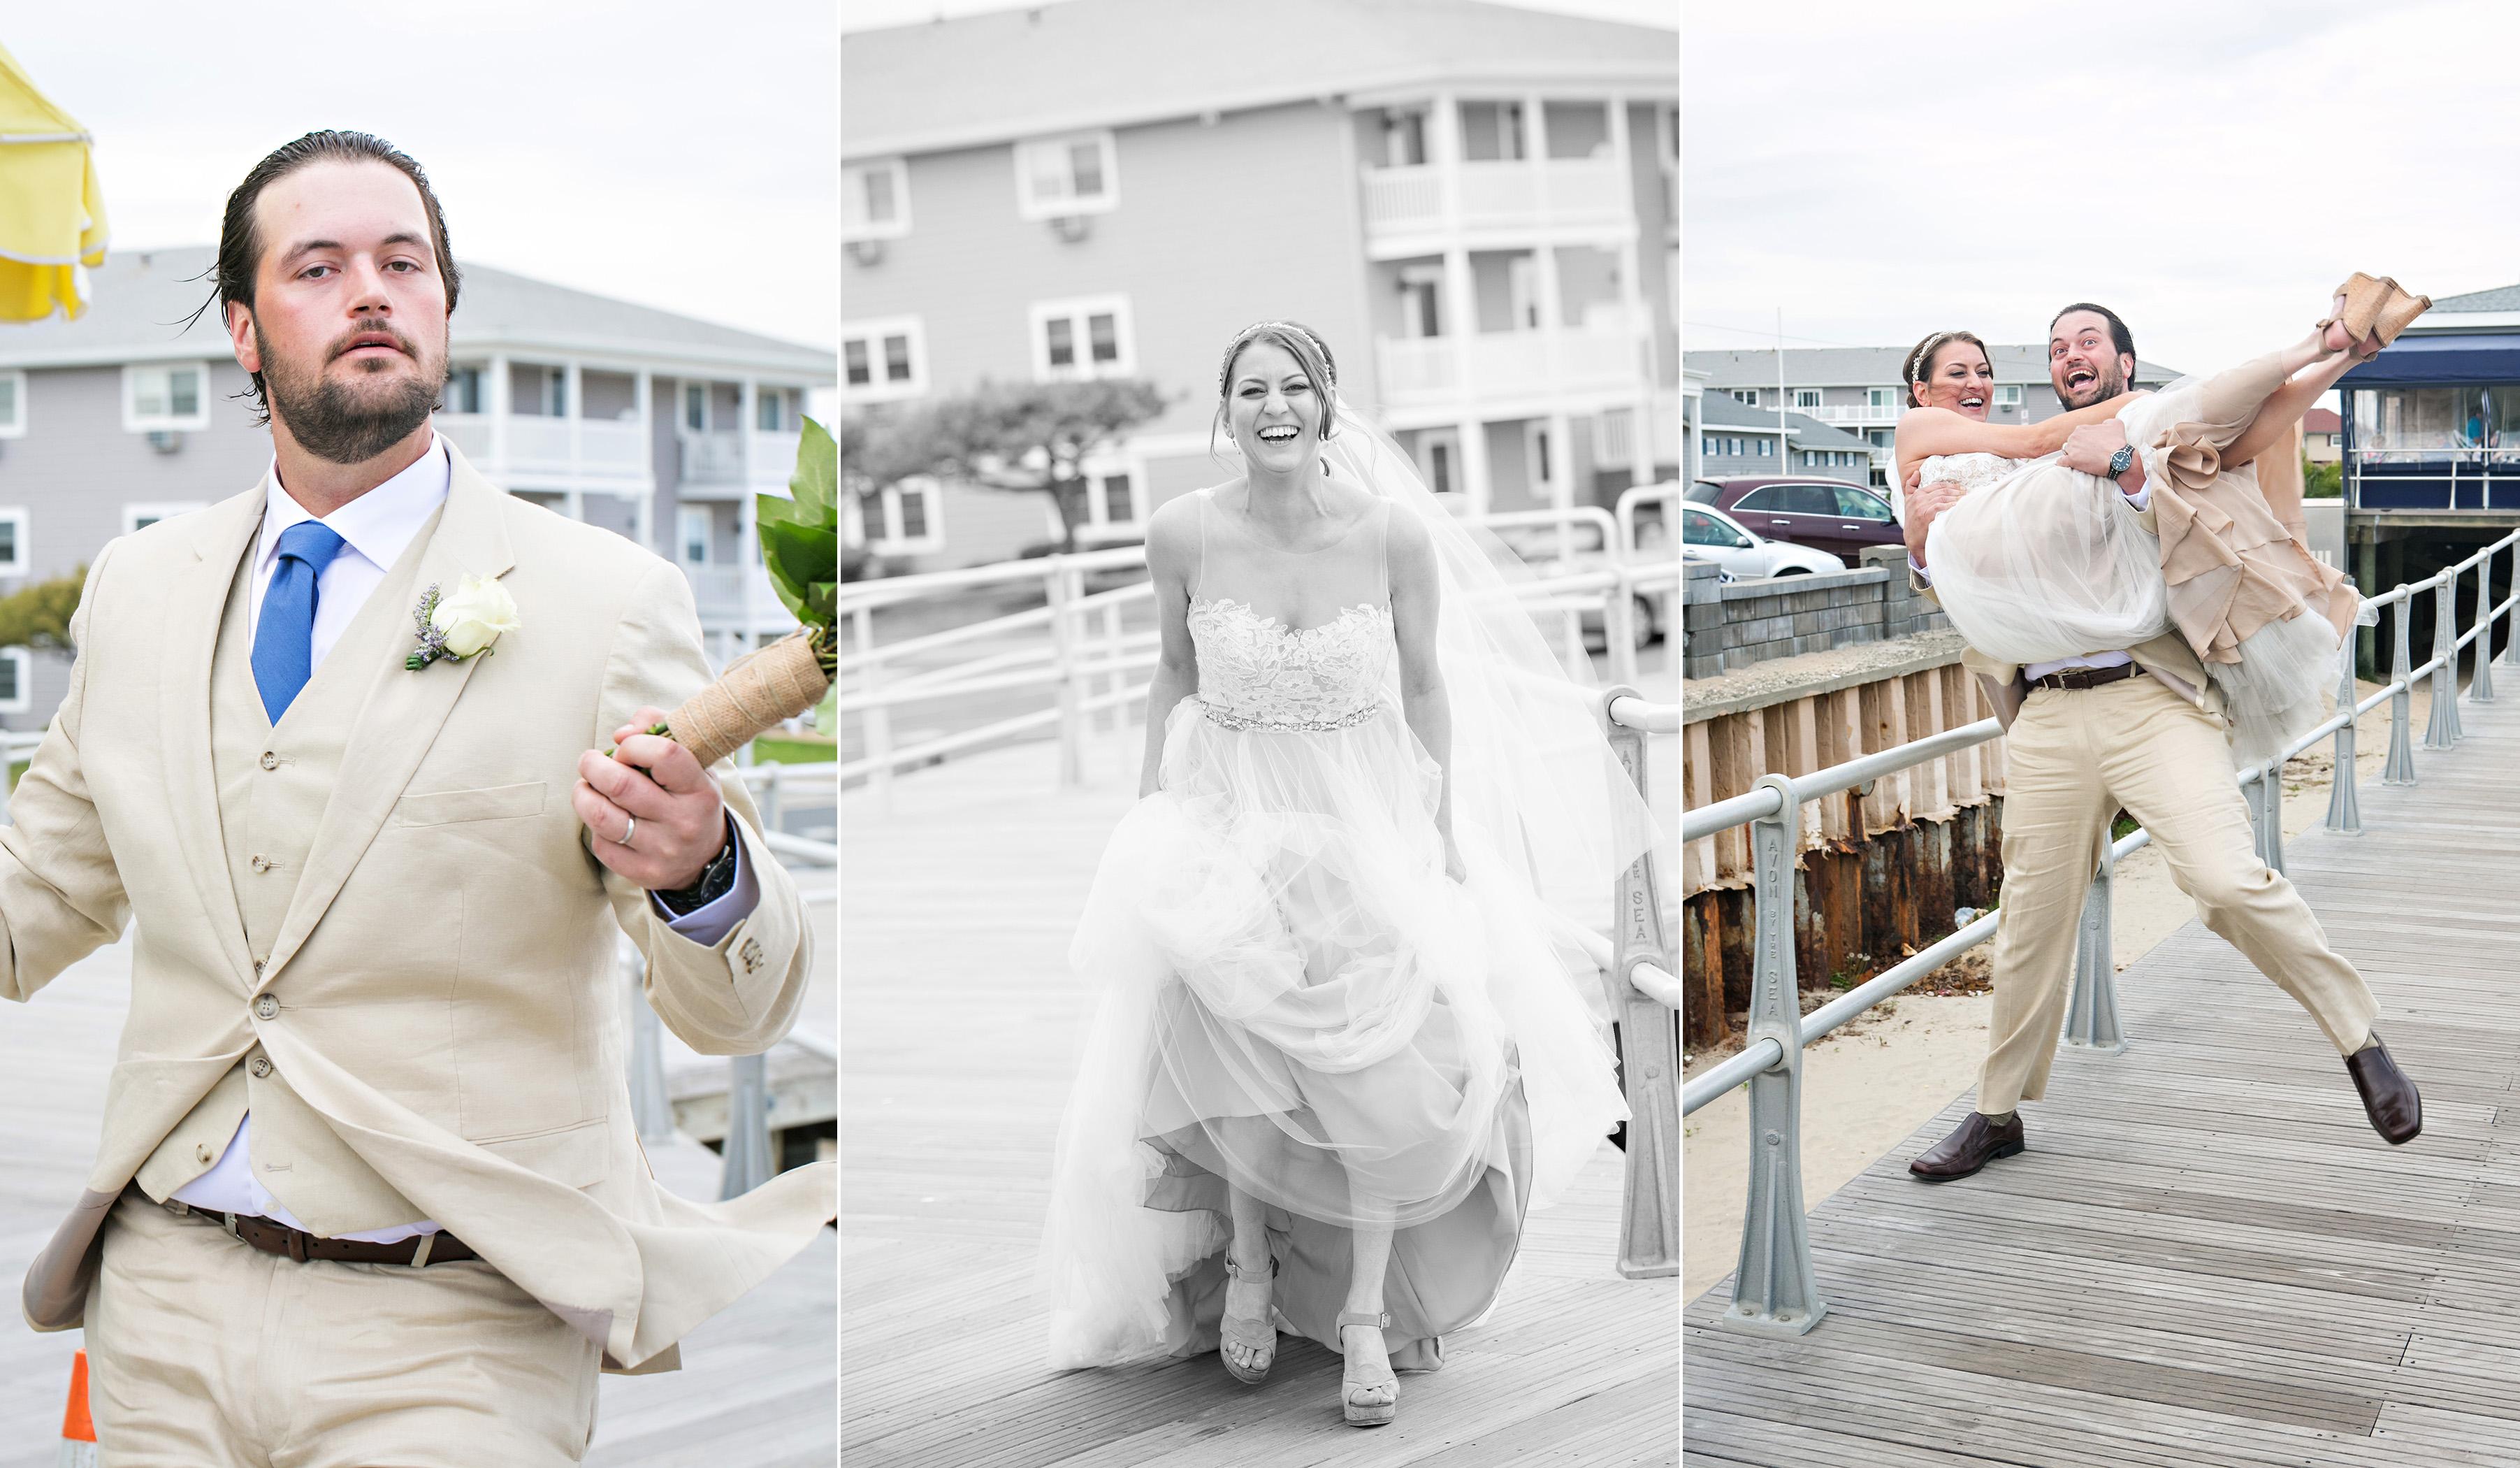 40-Sara Stadtmiller-SRS-Photography-Asbury-Park-Wedding-Photographer-Monmouth-County-Wedding-Photographer-NJ-Wedding-Photographer-Avon-by-the-Sea-Wedding-The-Columns-Wedding